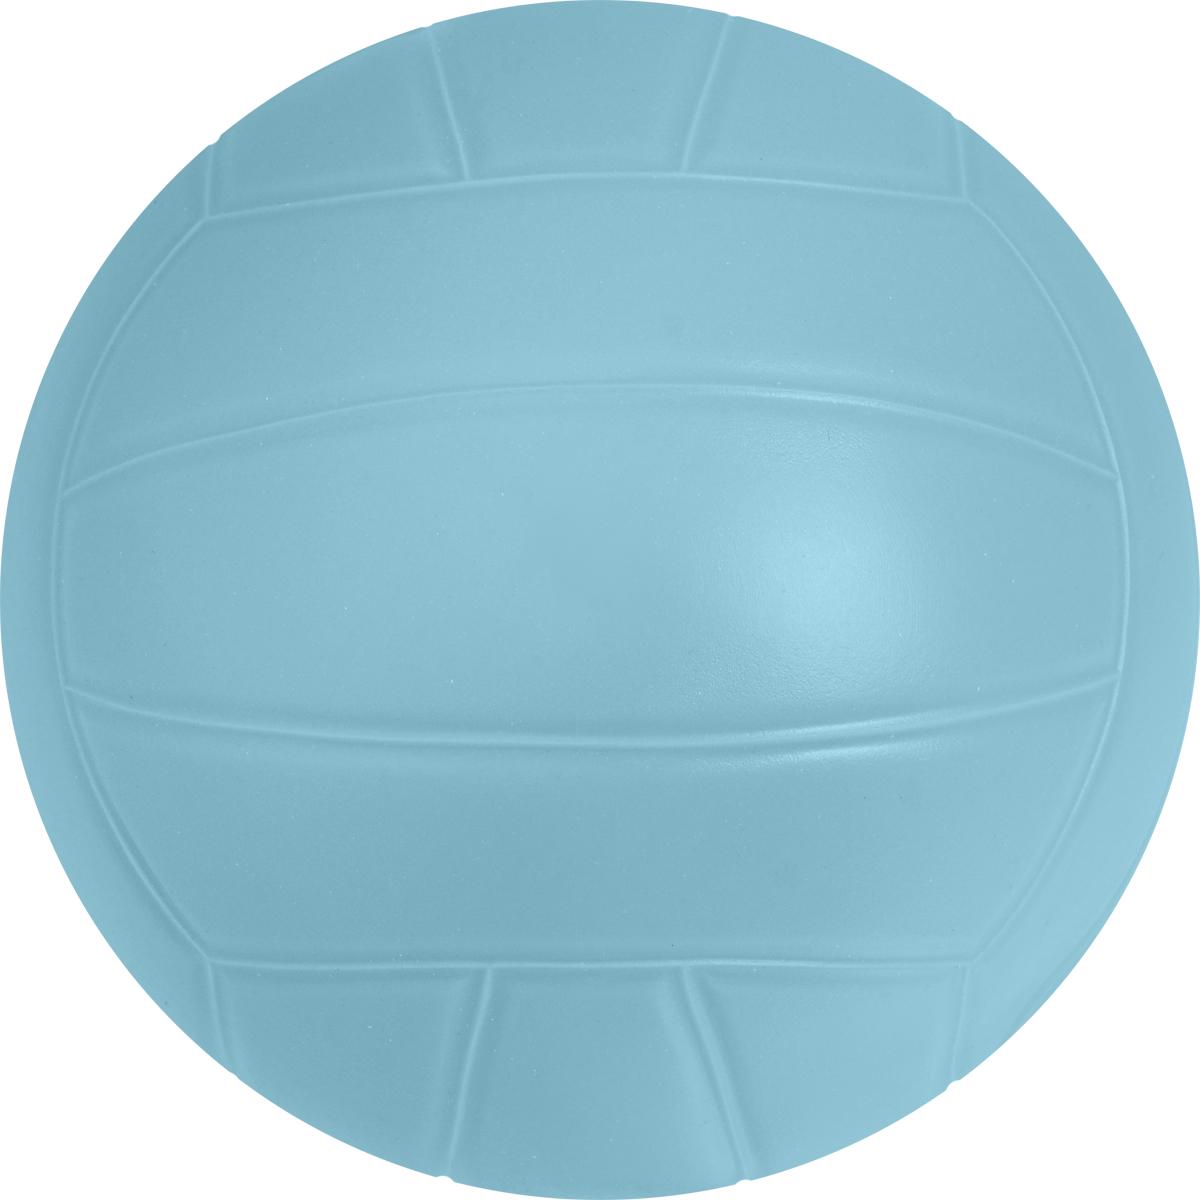 """Прочный и красивый мяч """"Весна"""" - это именно то, что необходимо для детей, любящих активный отдых. С его помощью можно организовывать самые различные игры, включая волейбол.Мяч изготовлен из долговечного и надежного материала.Игры с мячом помогают развитию координации и двигательной активности."""